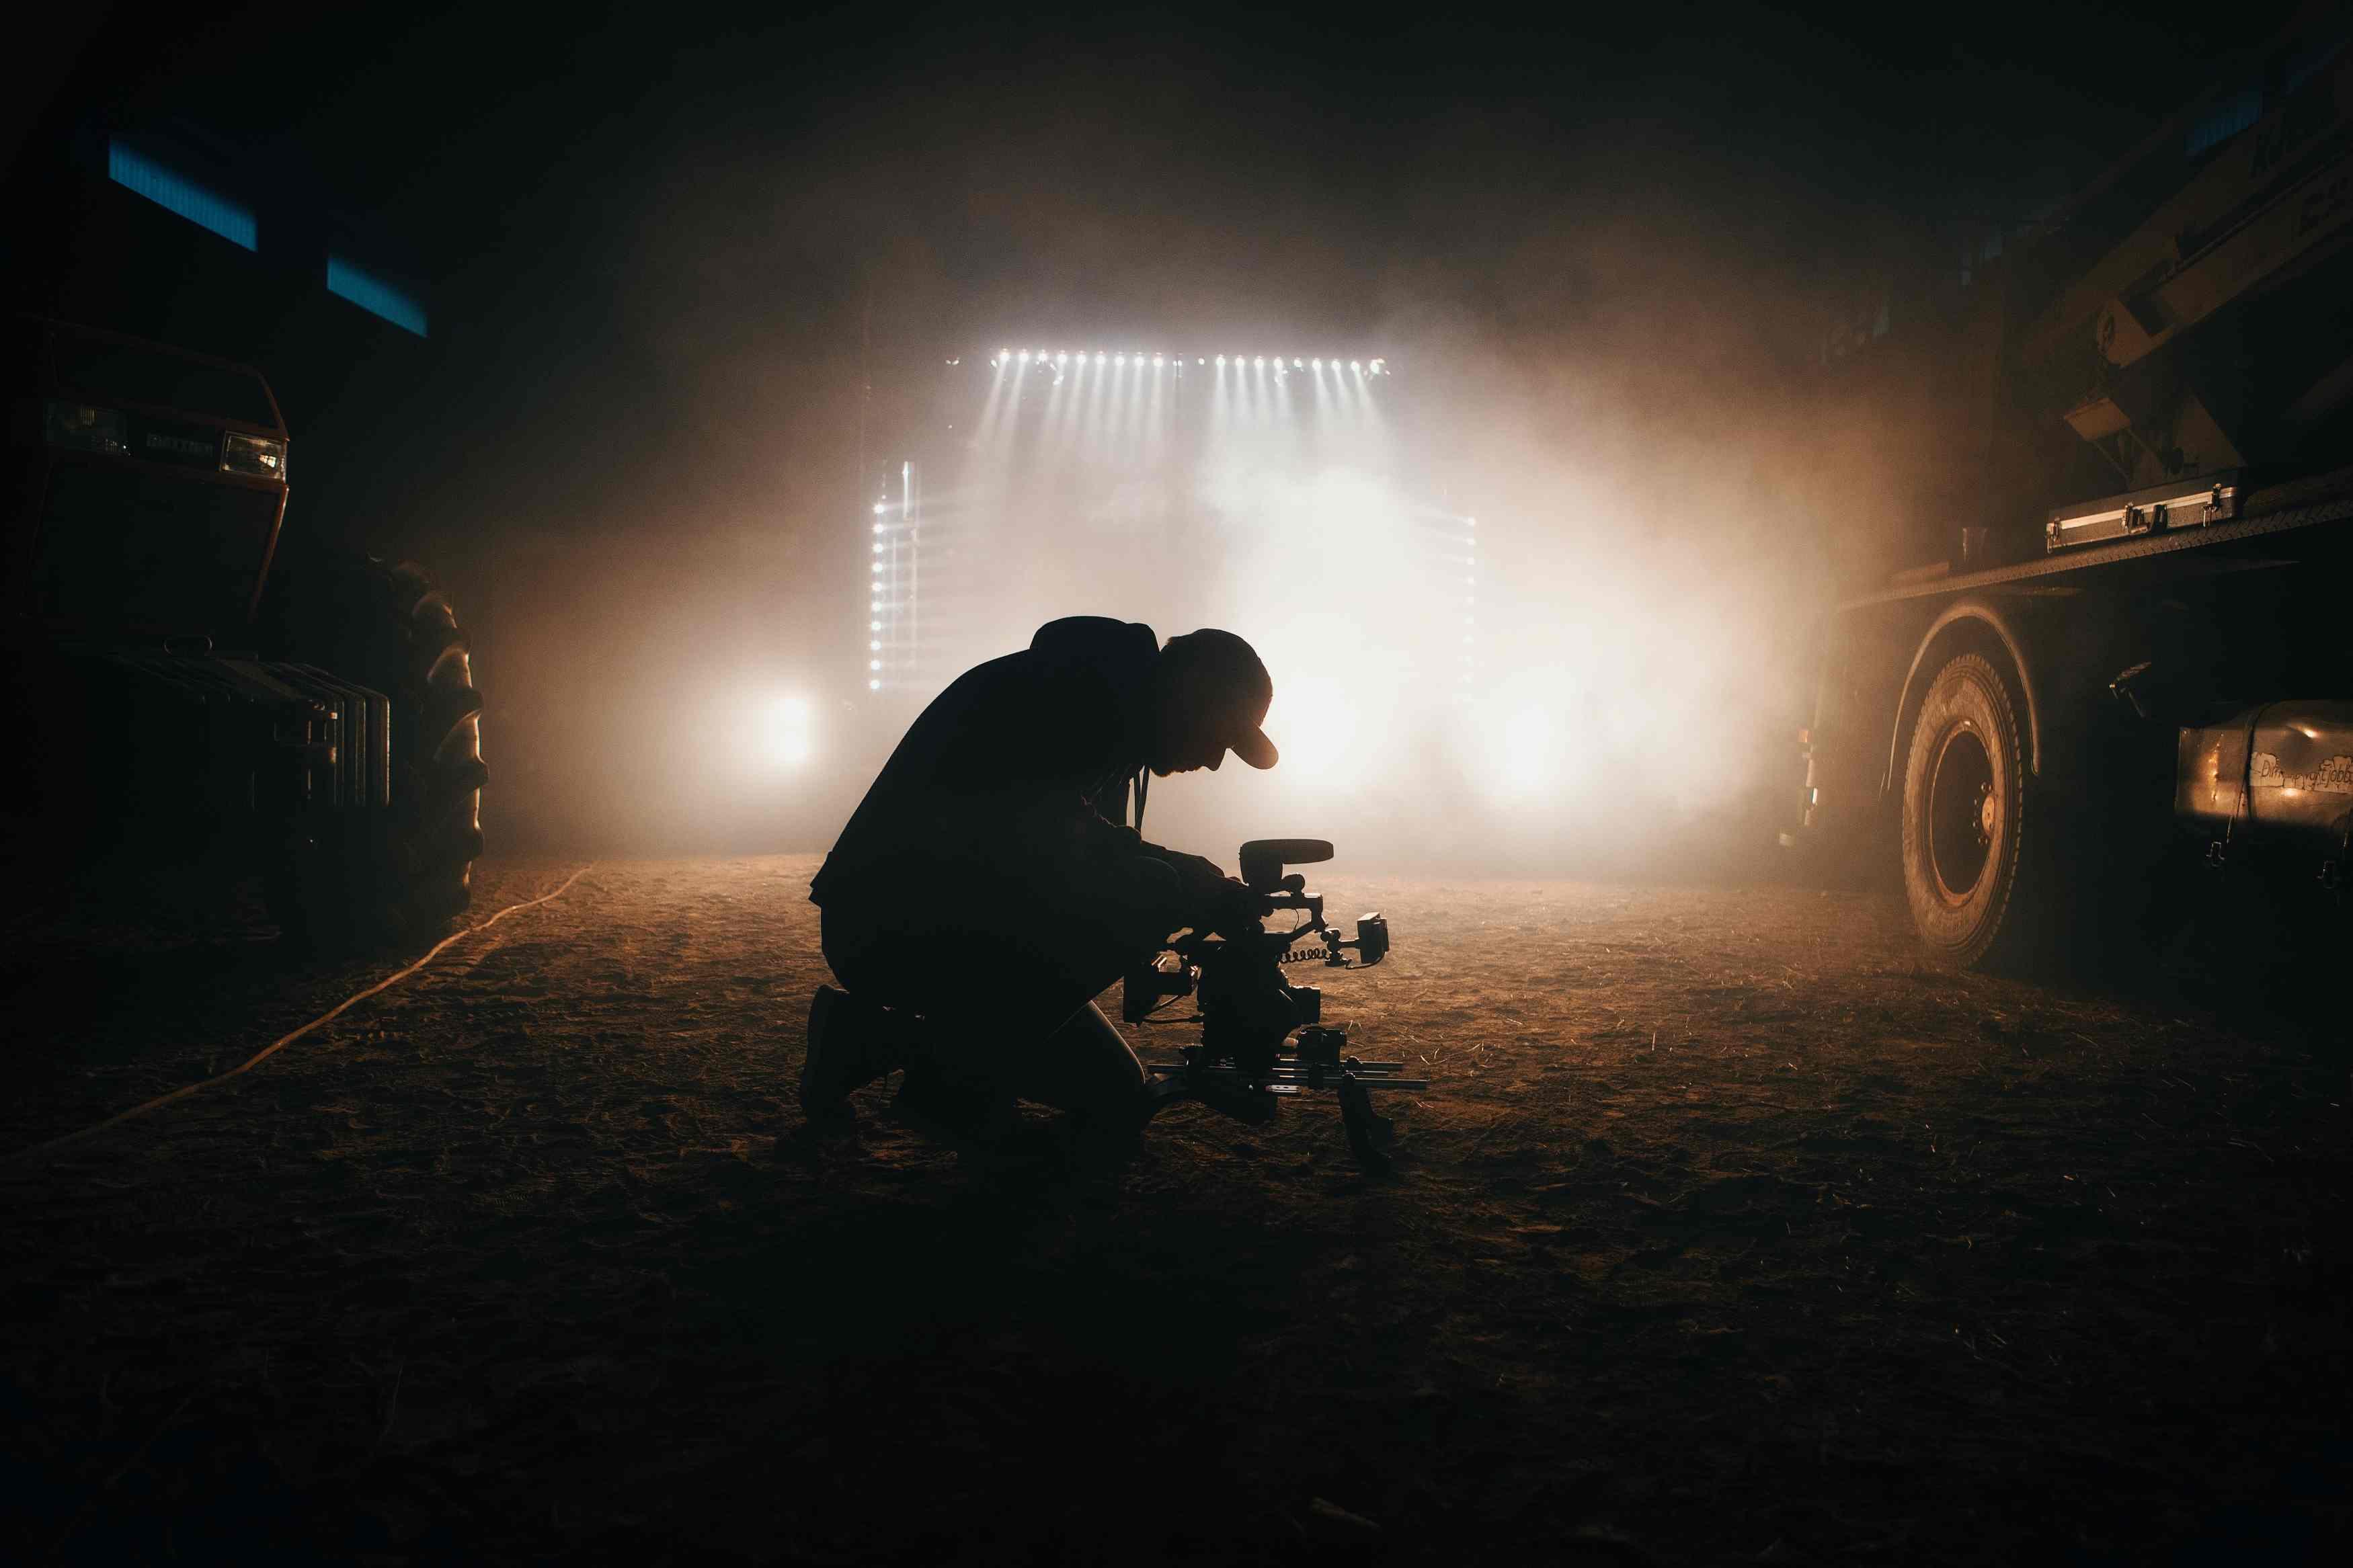 微视视频如何制作